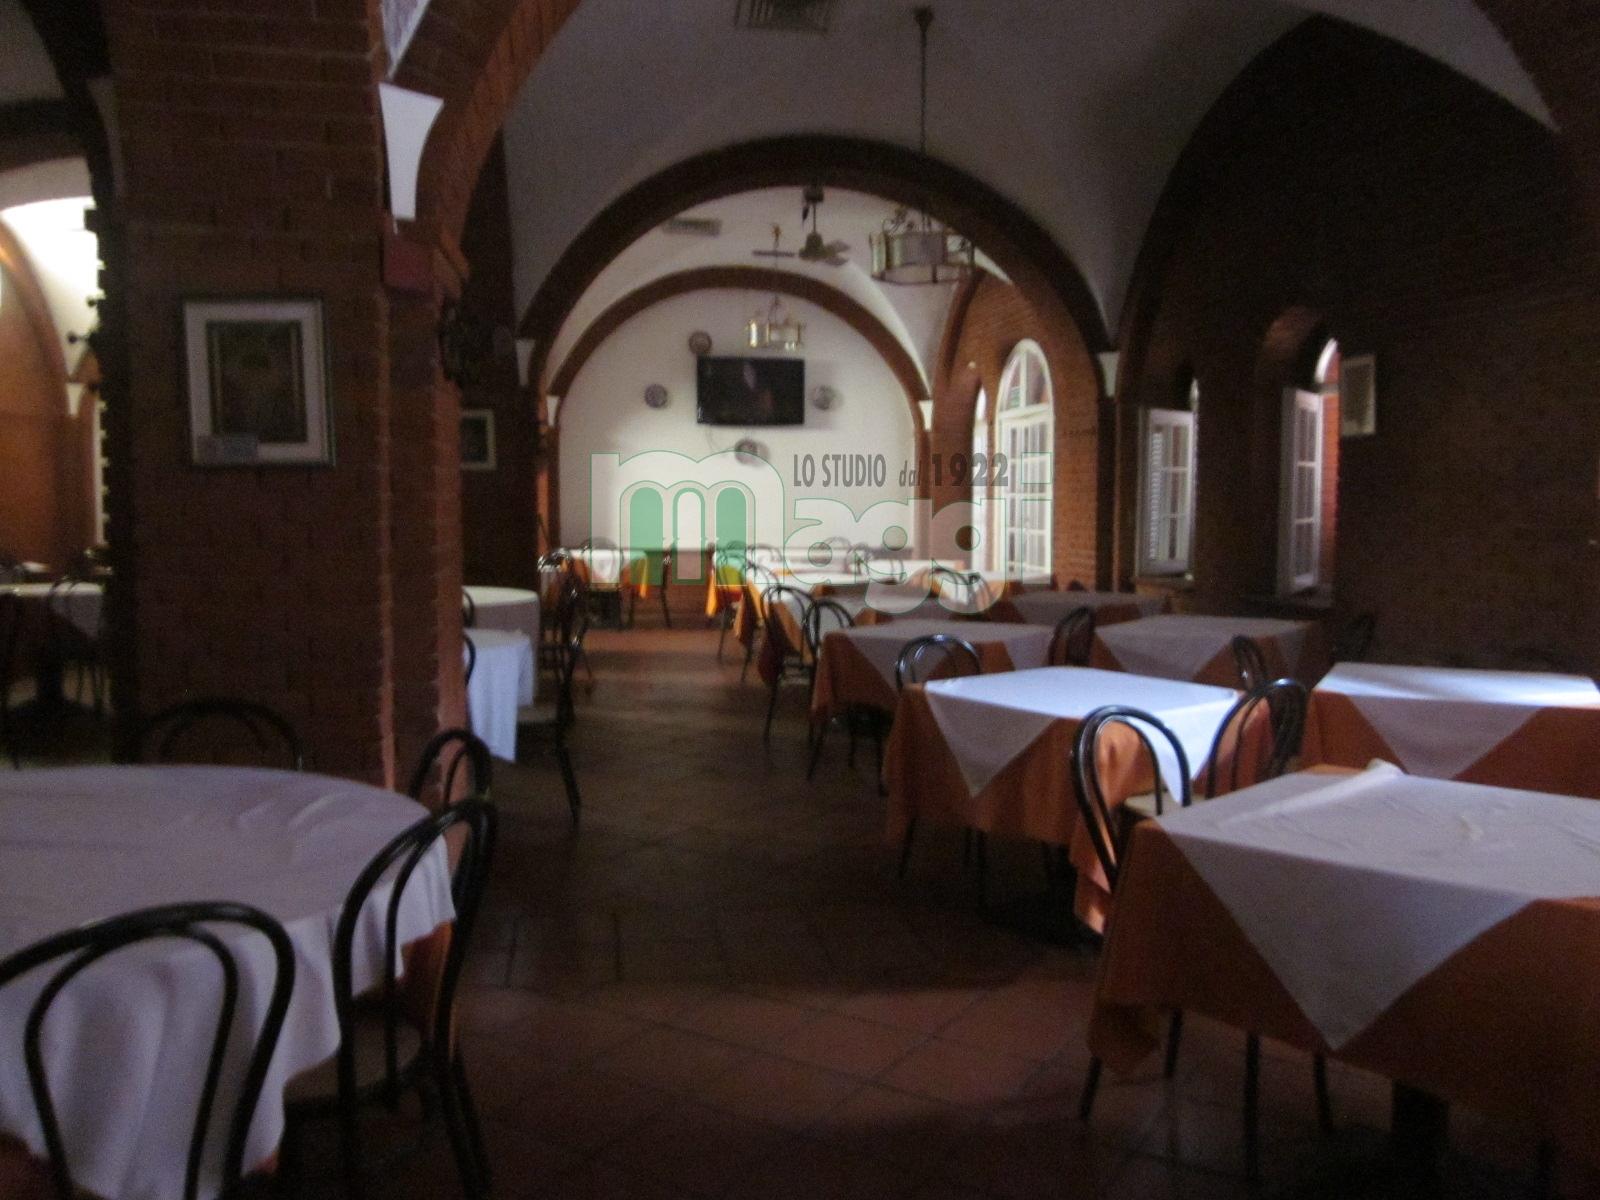 Negozio-locale in Vendita a Buccinasco: 2 locali, 500 mq